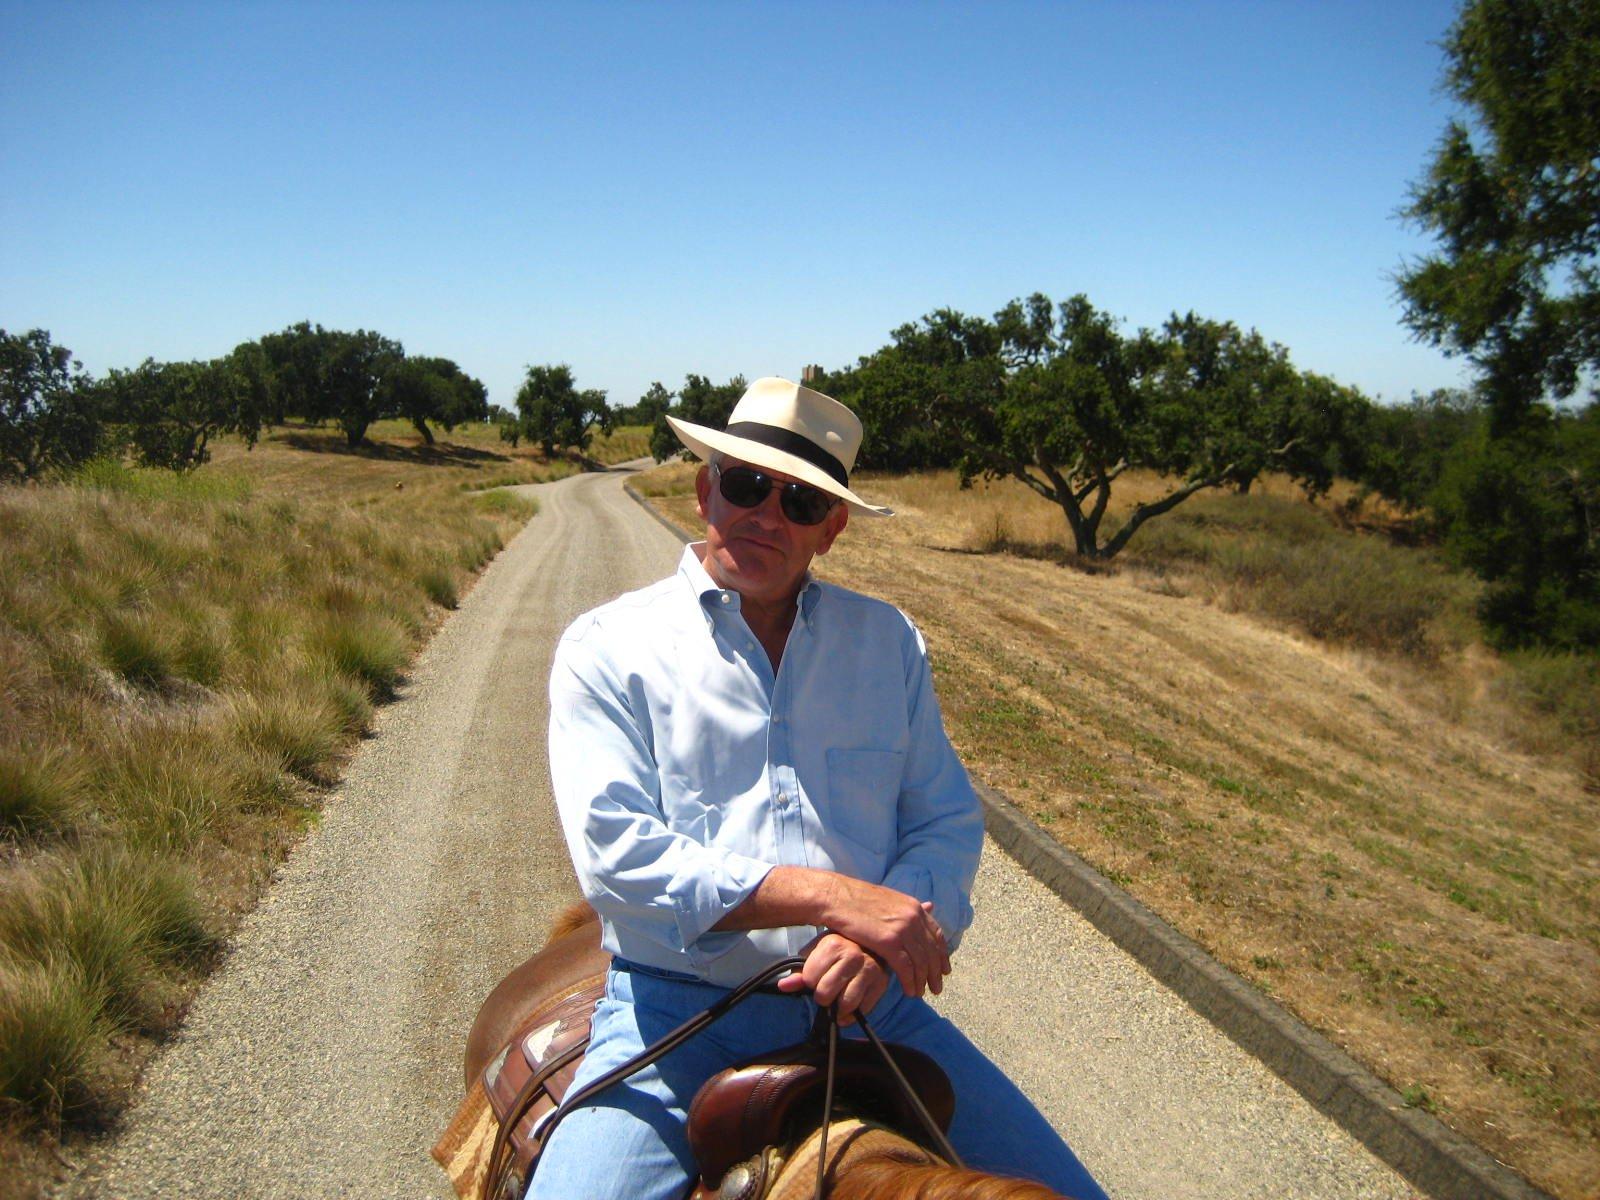 Happy 4th of July From Rancho La Zaca